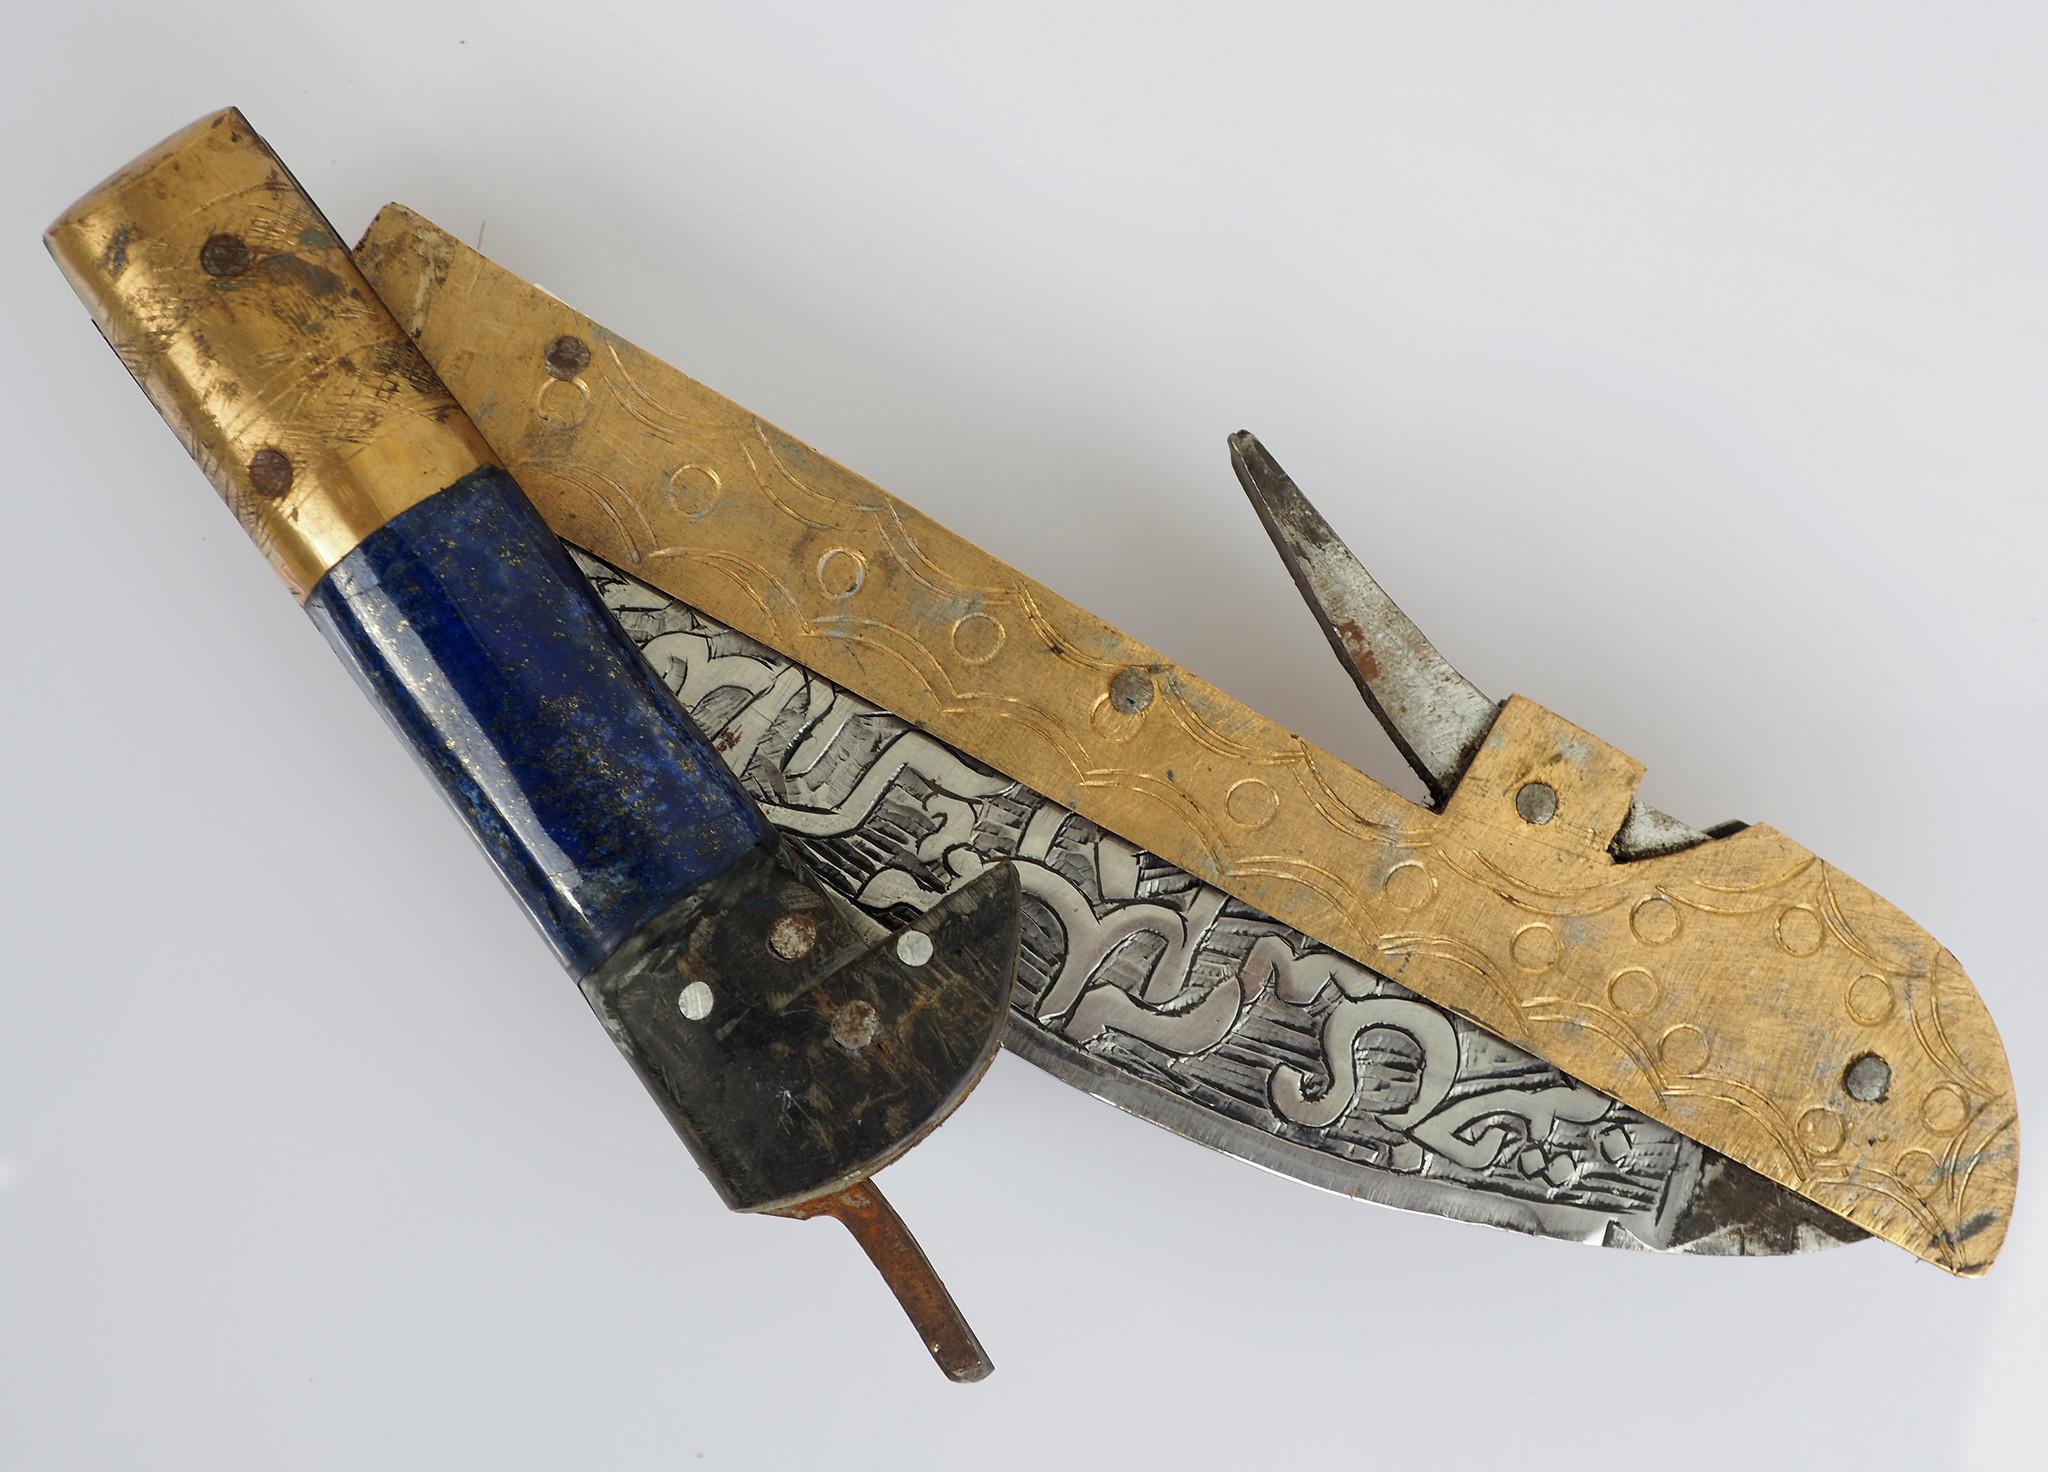 32 cm Knife Islamic scythe Short sword Dagger choora Pesh kabze  lohar Knife Khyber sickle Pick lapis  handle afghanistan pakistan :21E